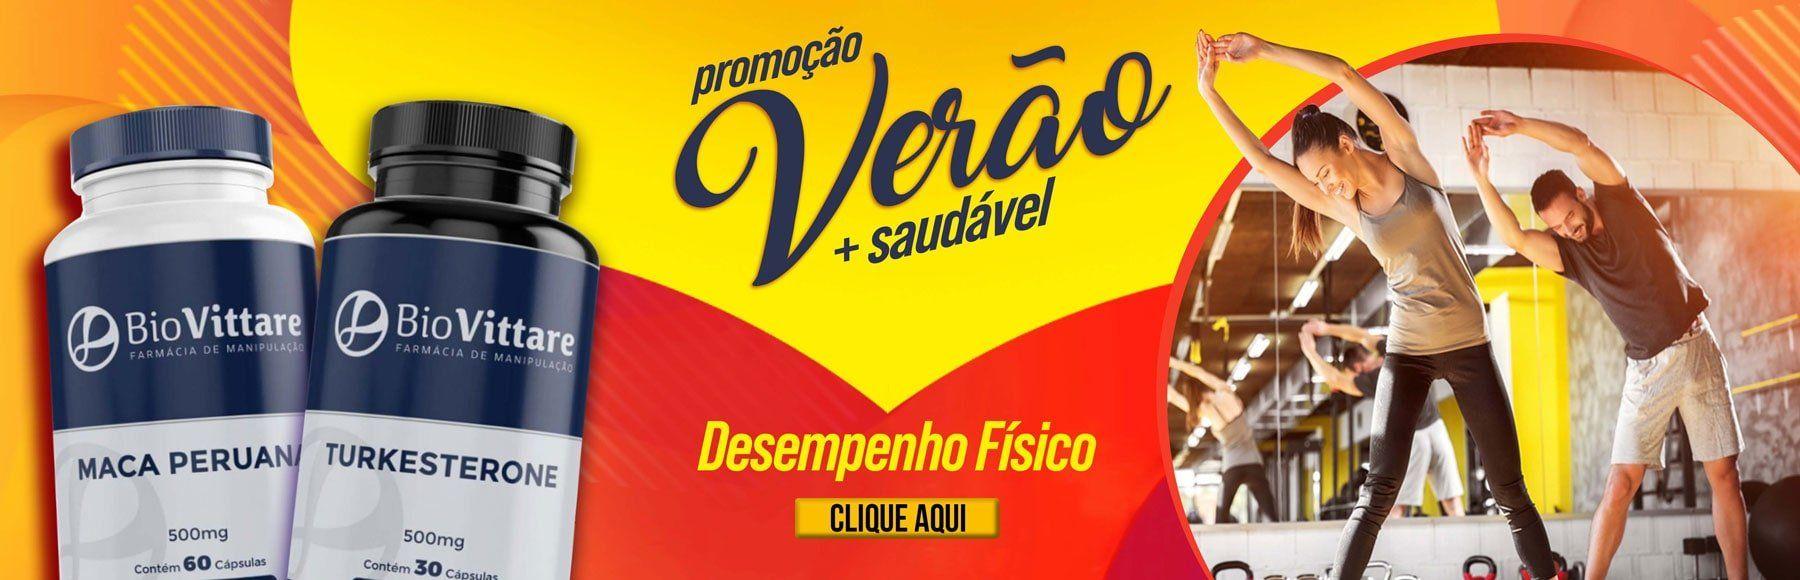 Banner Desempenho Físico Verao